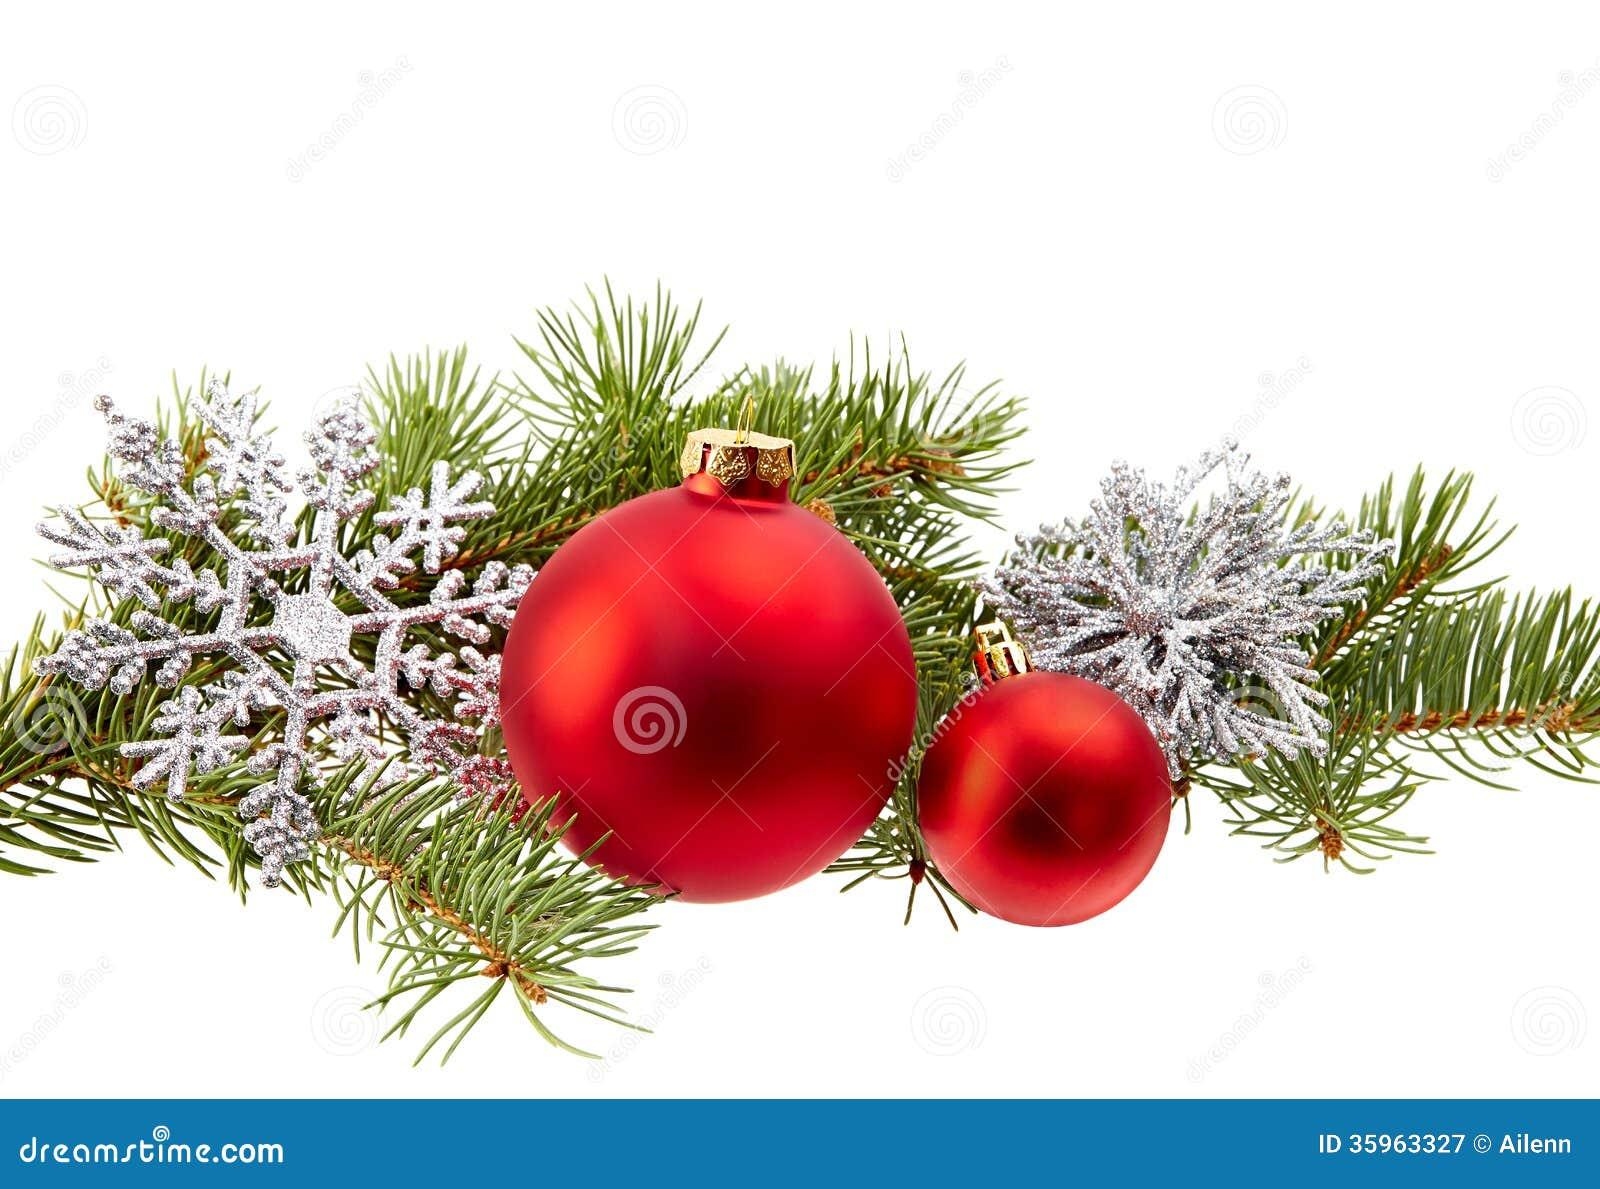 #821110 Isolant De Décoration De Noël (branche De Sapin Boule De  5445 décorations de noel gs 1300x983 px @ aertt.com